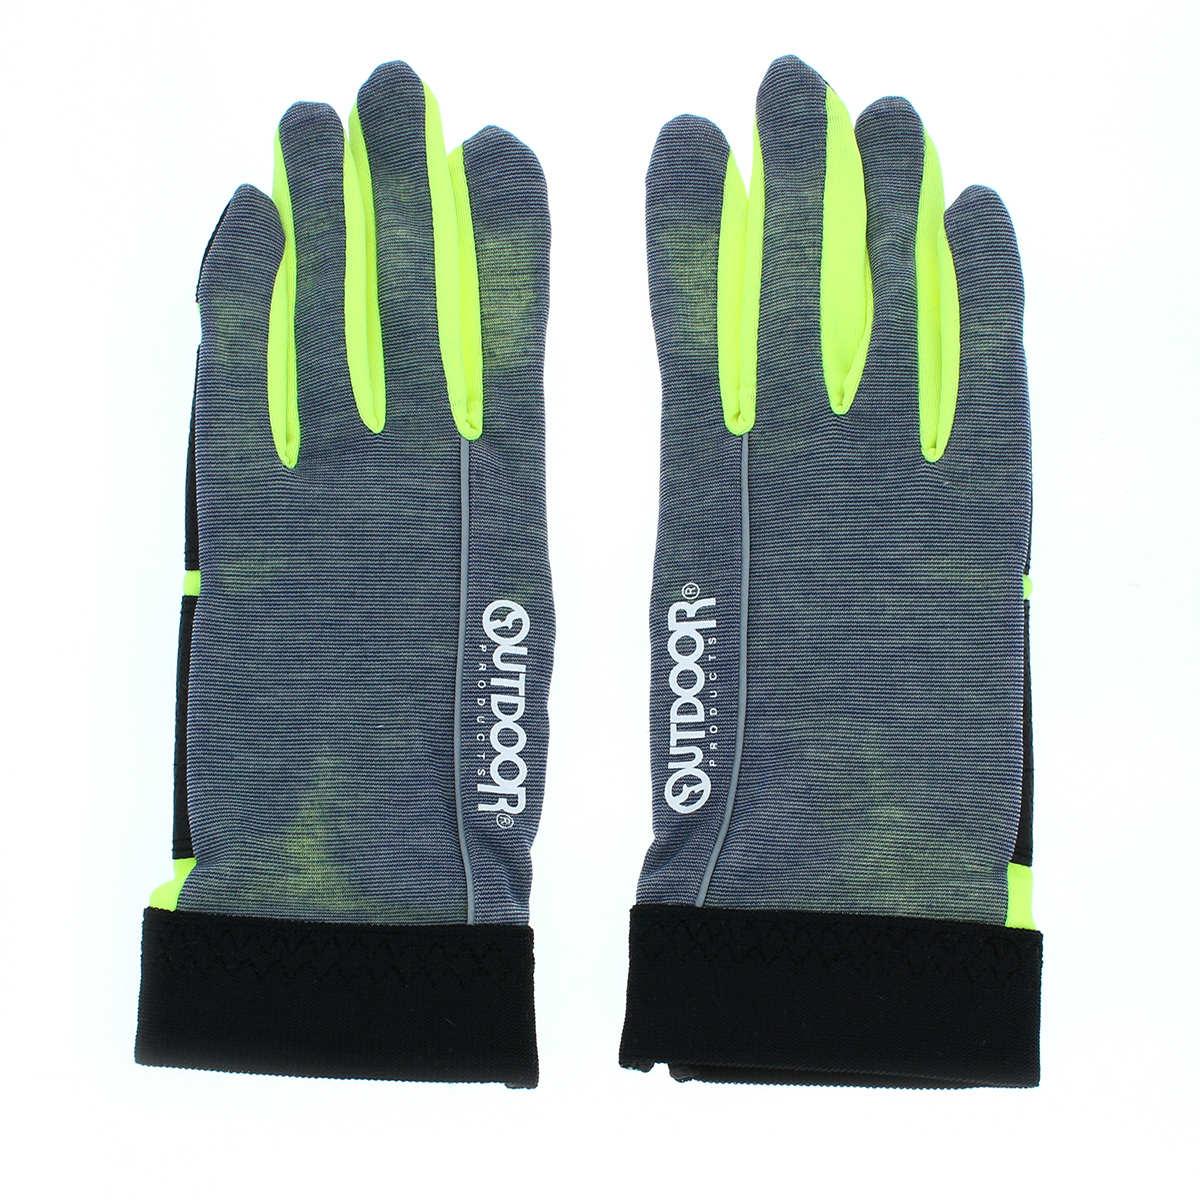 OUTDOOR アウトドア スポーツ UVカット UV手袋 ショート丈 23cm 五本指 ストレッチ 機能性素材 洗える すべり止め付 サイクリンググローブ風 ユニセックス